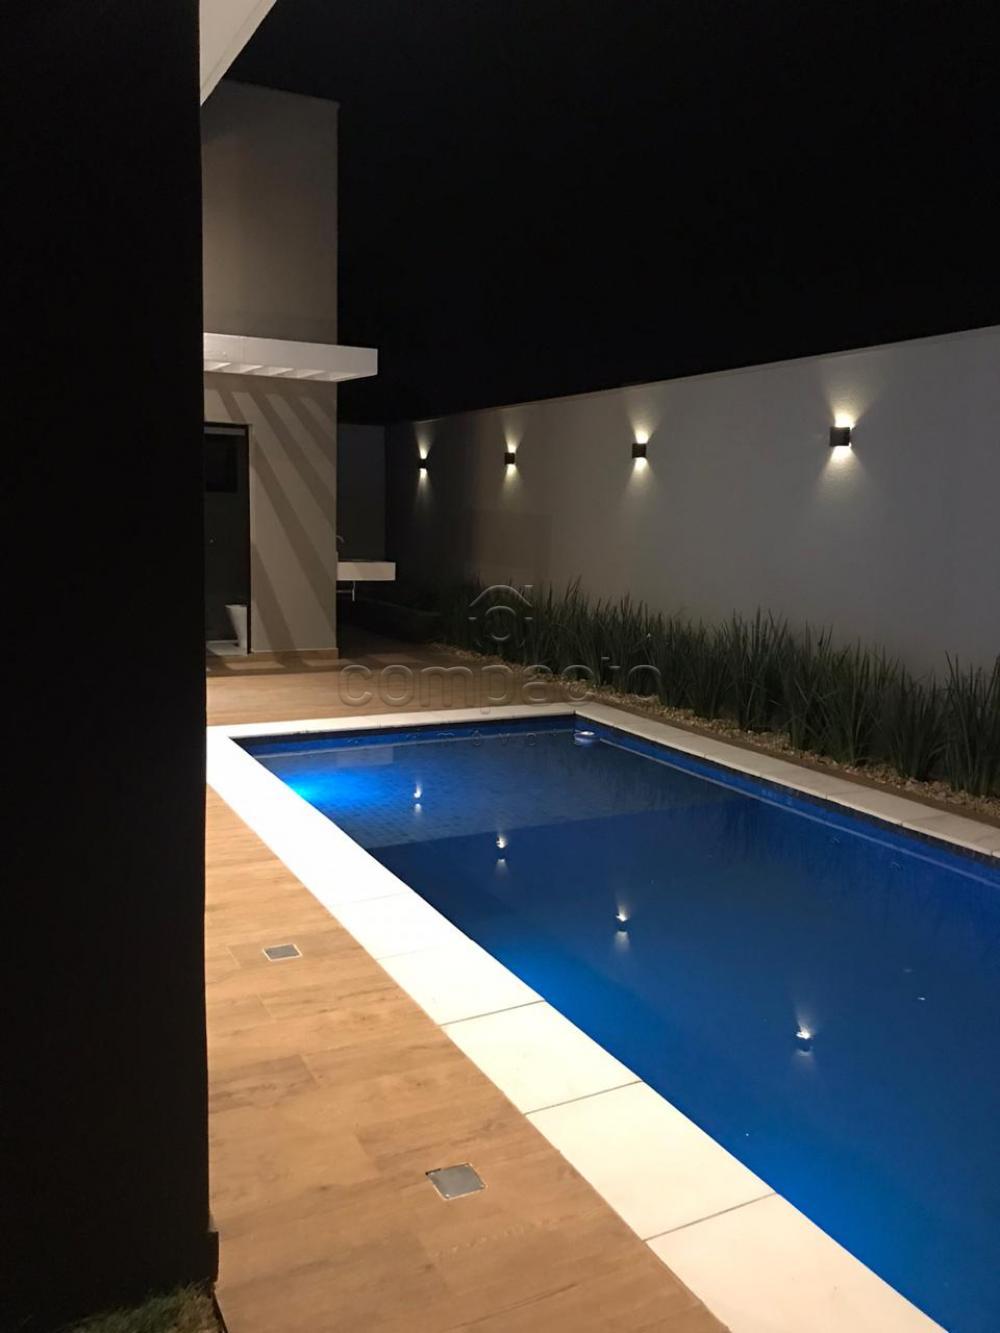 Comprar Casa / Condomínio em São José do Rio Preto apenas R$ 1.500.000,00 - Foto 45